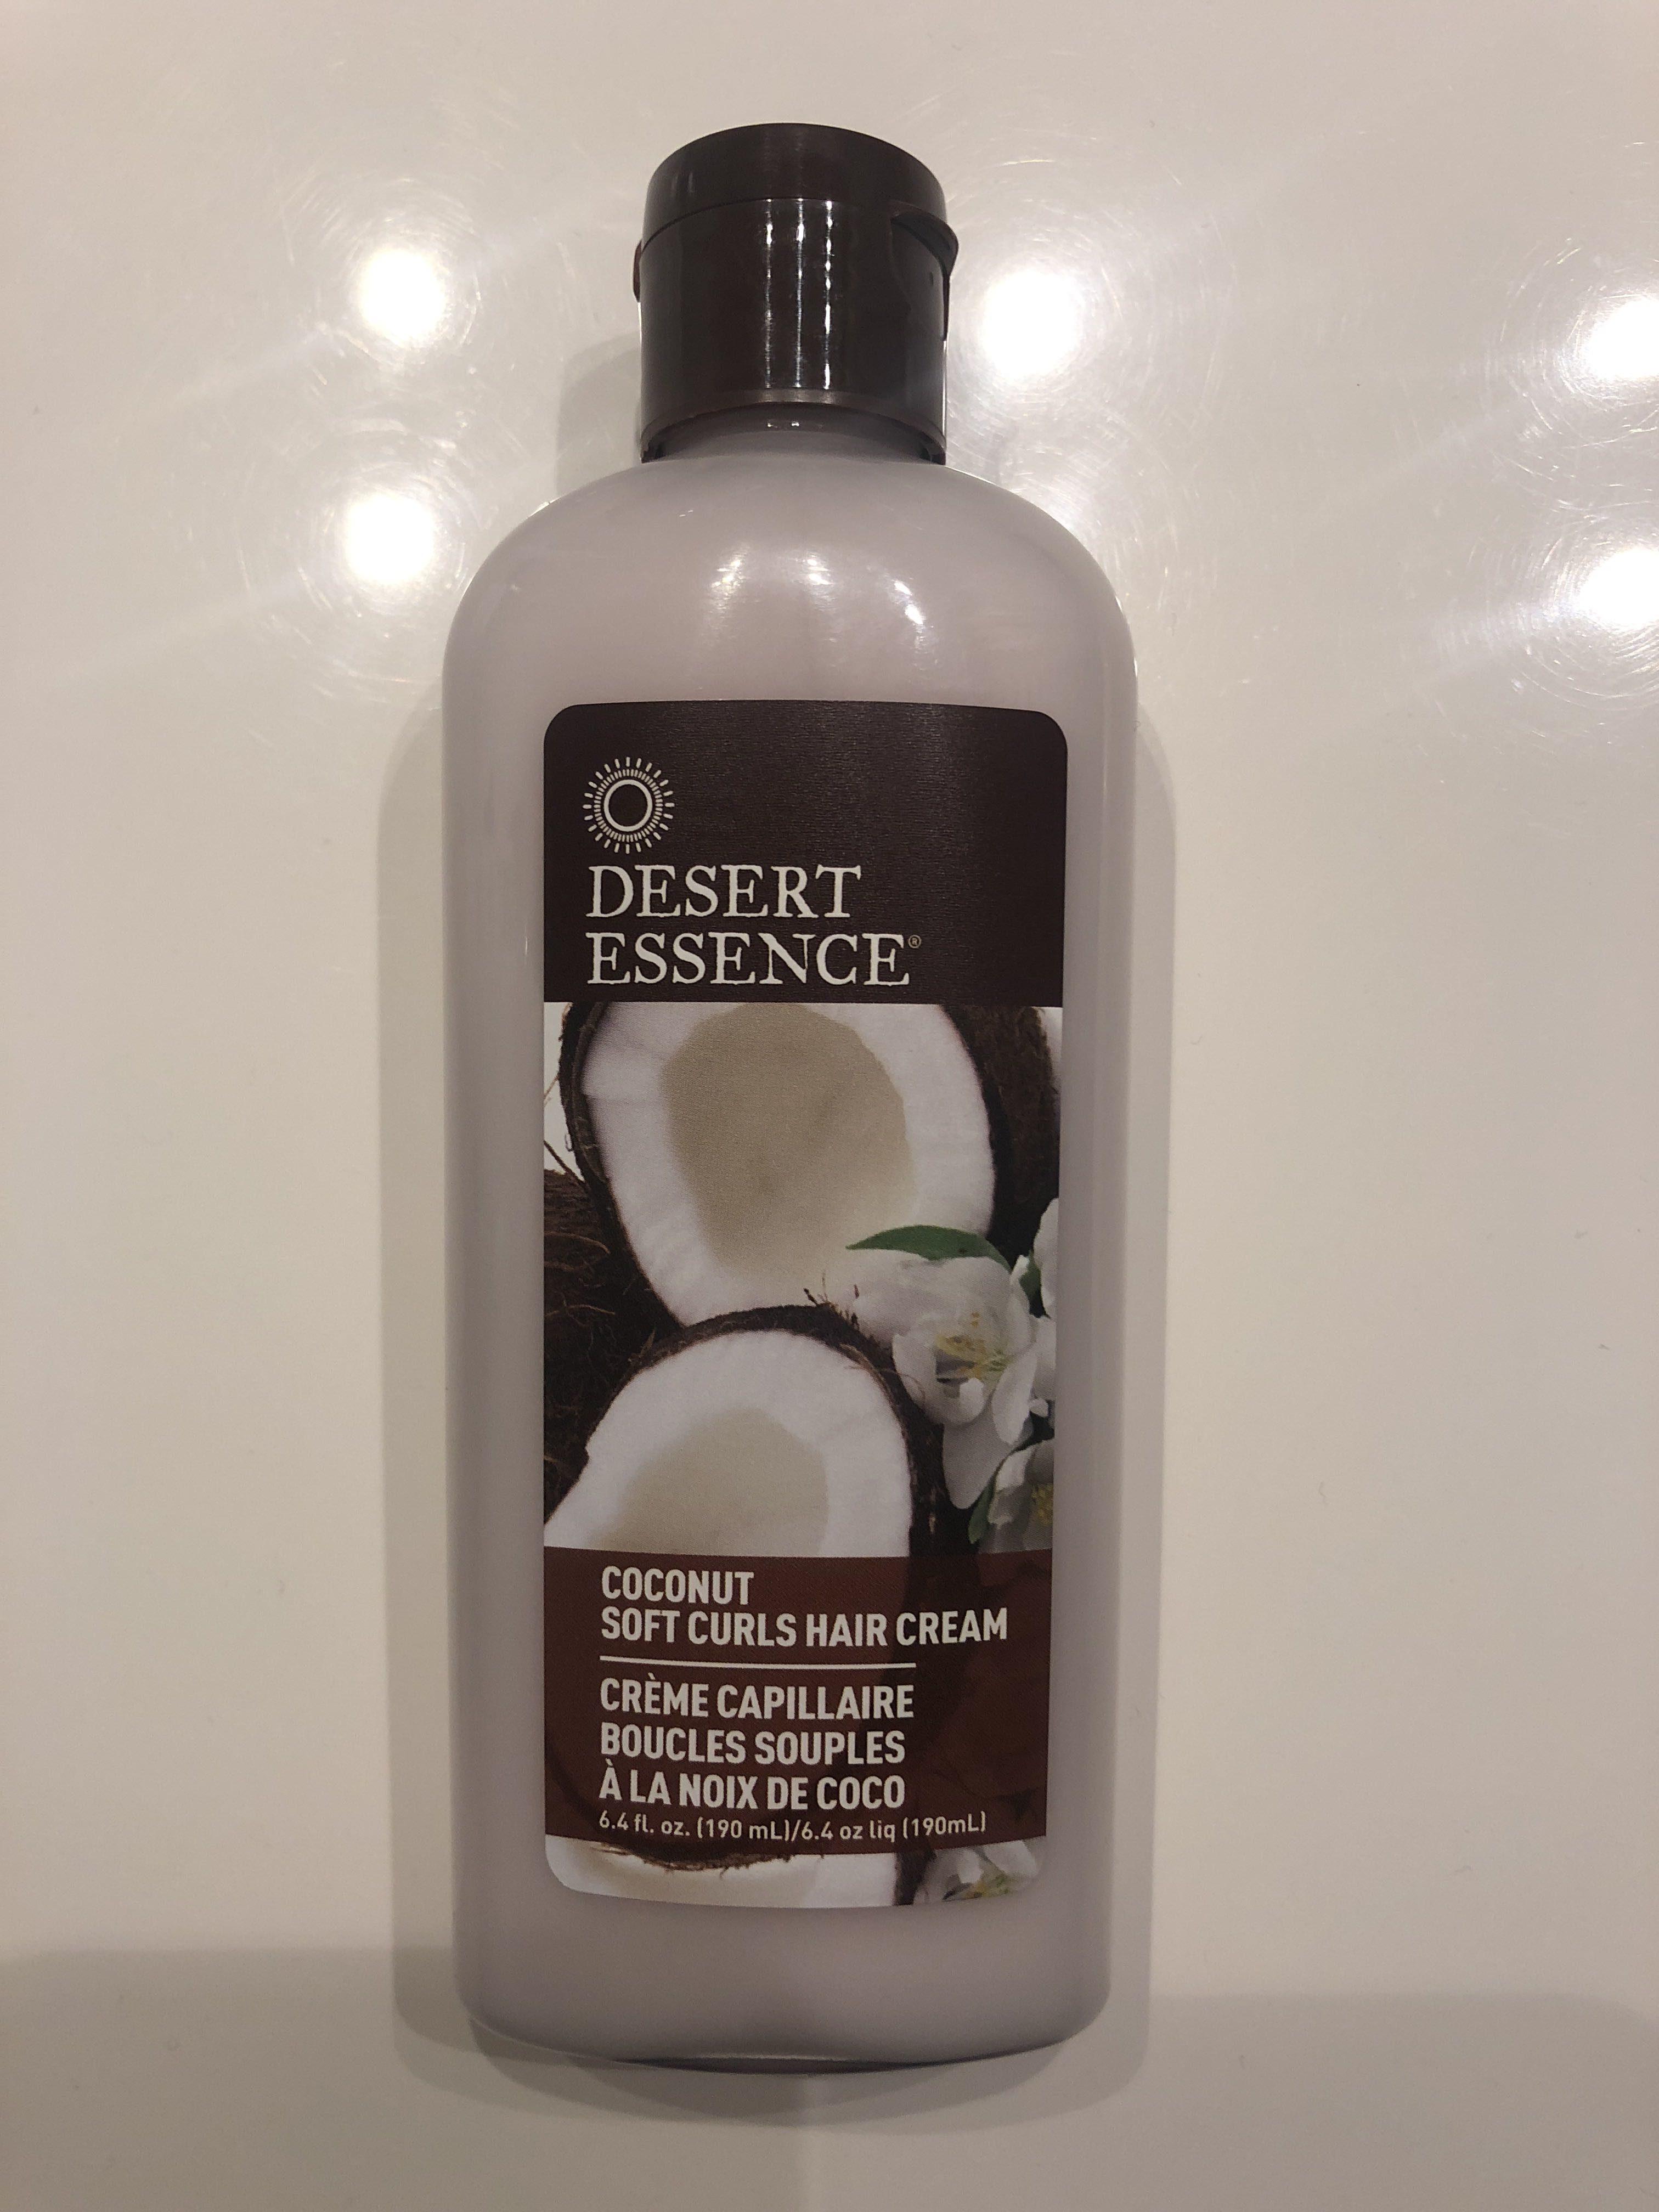 Crème capillaire boucles souples à la noix de coco - Product - fr